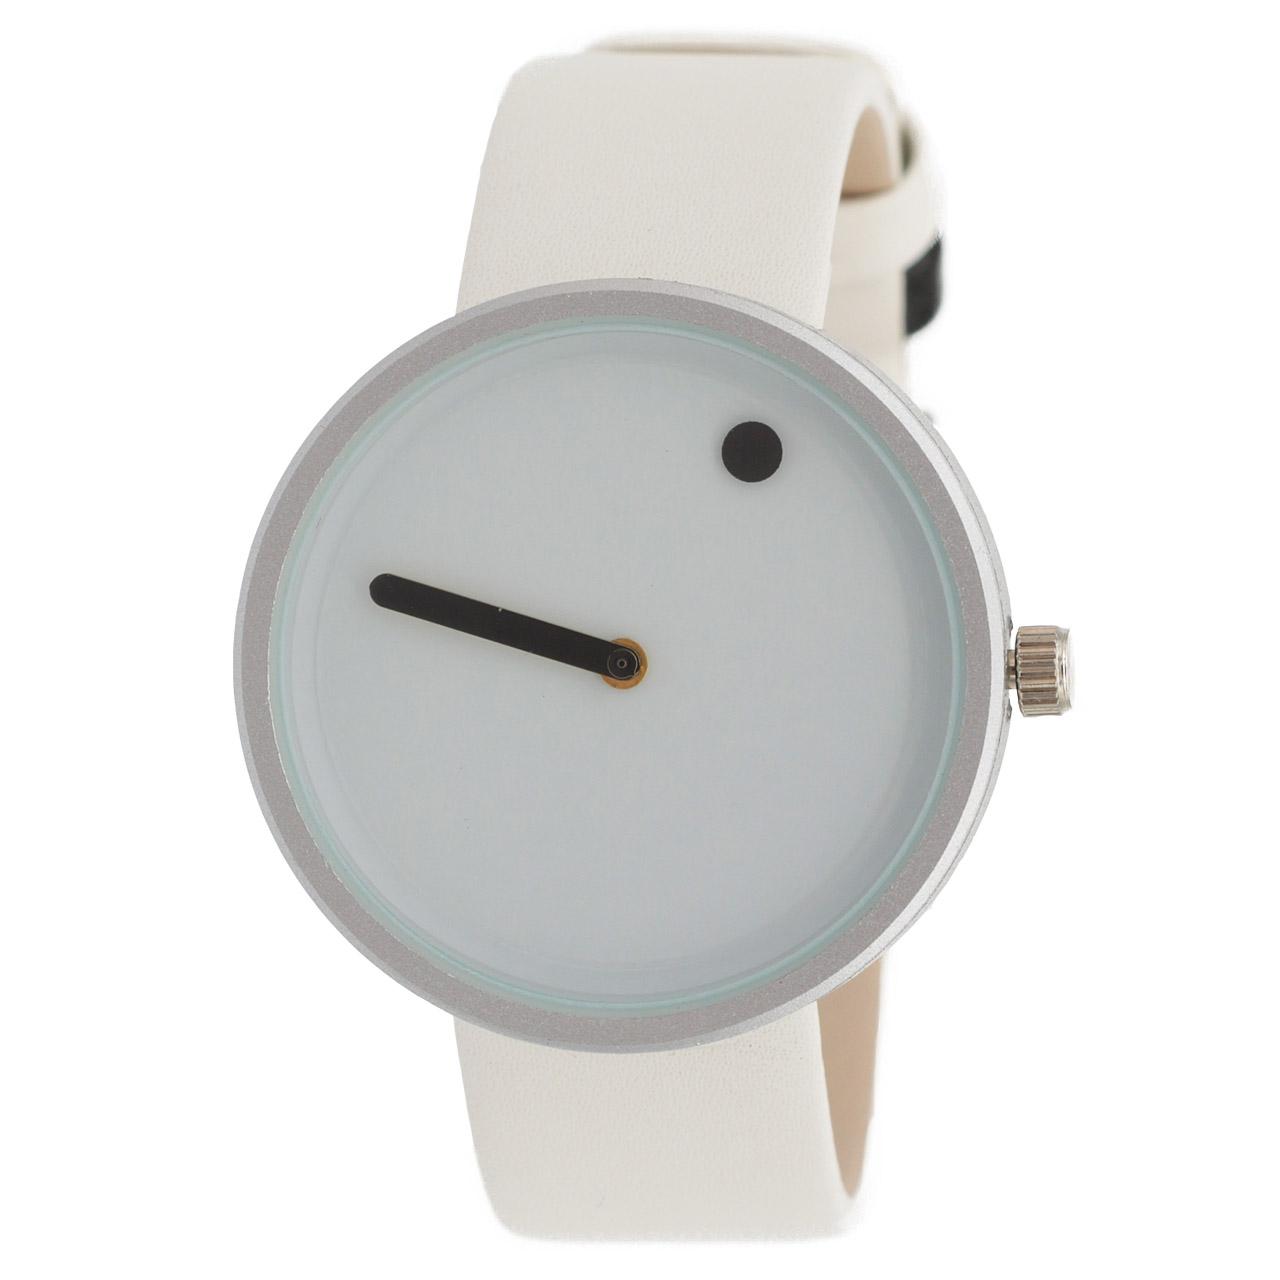 ساعت مچی عقربه ای زنانه مدل CL1930 1